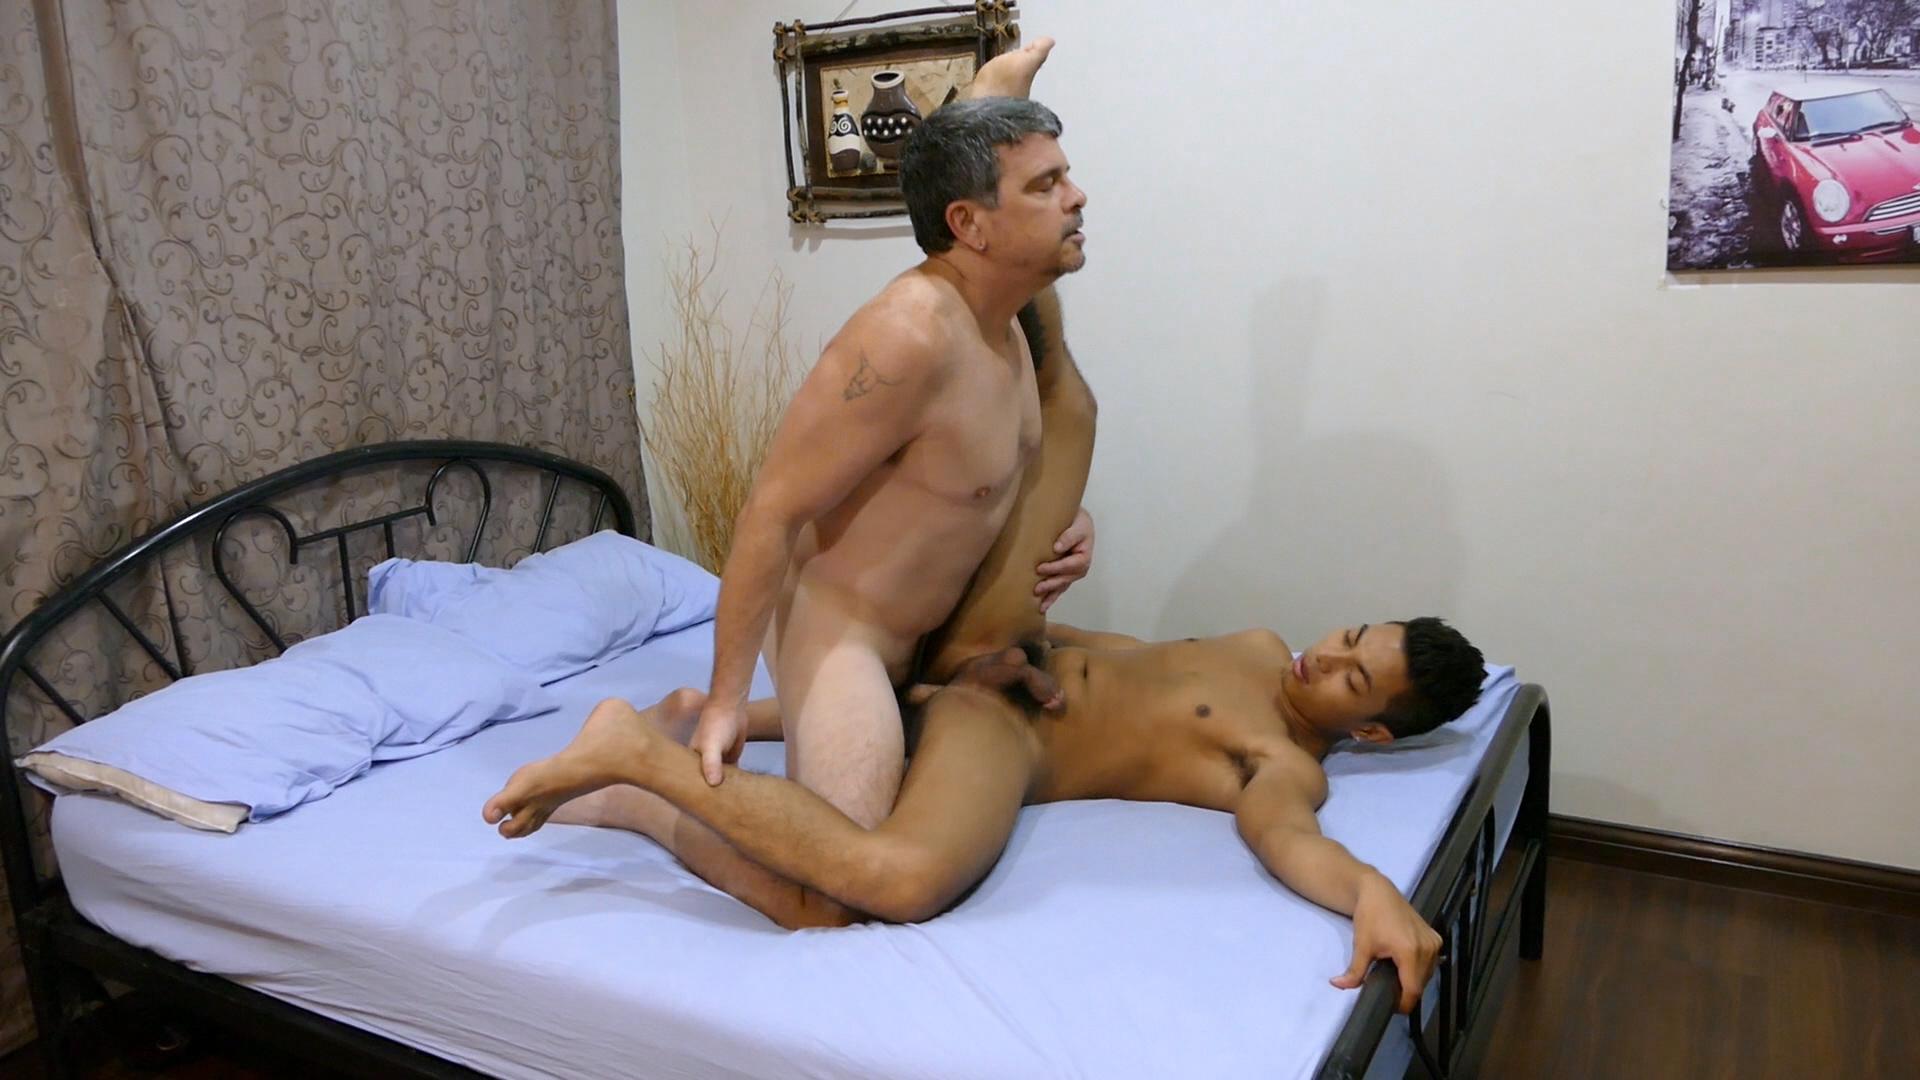 shemale massive nice cock